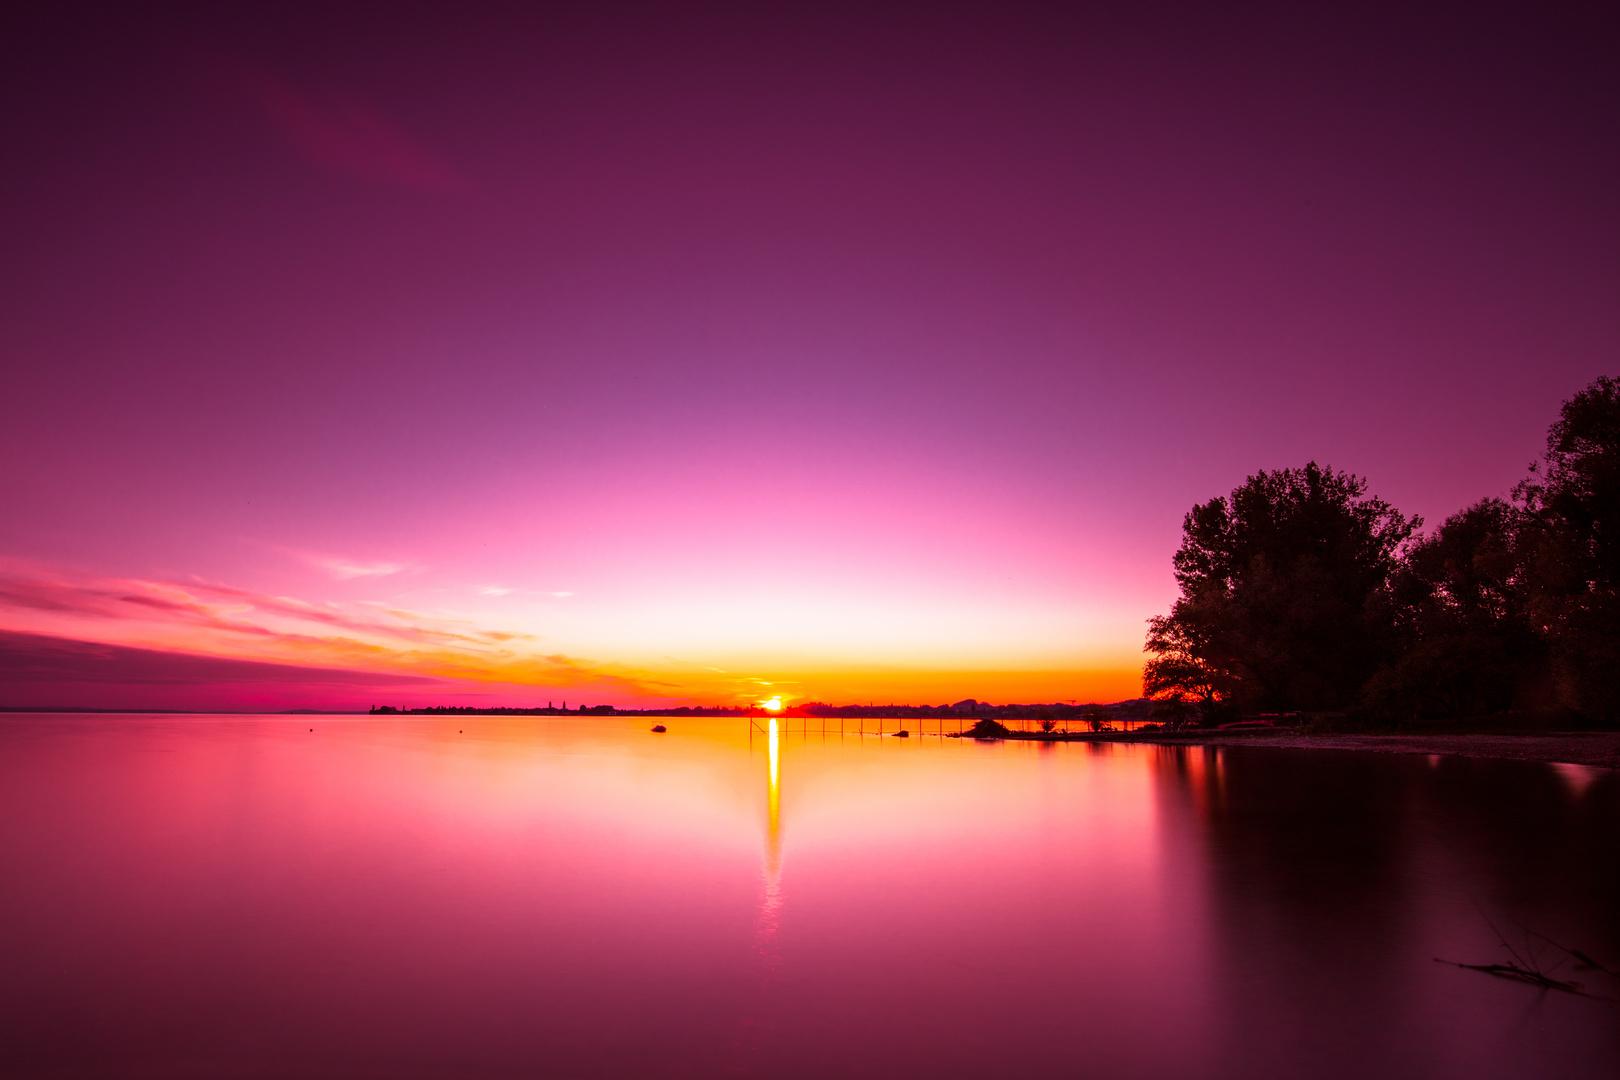 Sonnenuntergang mit Rotfilter